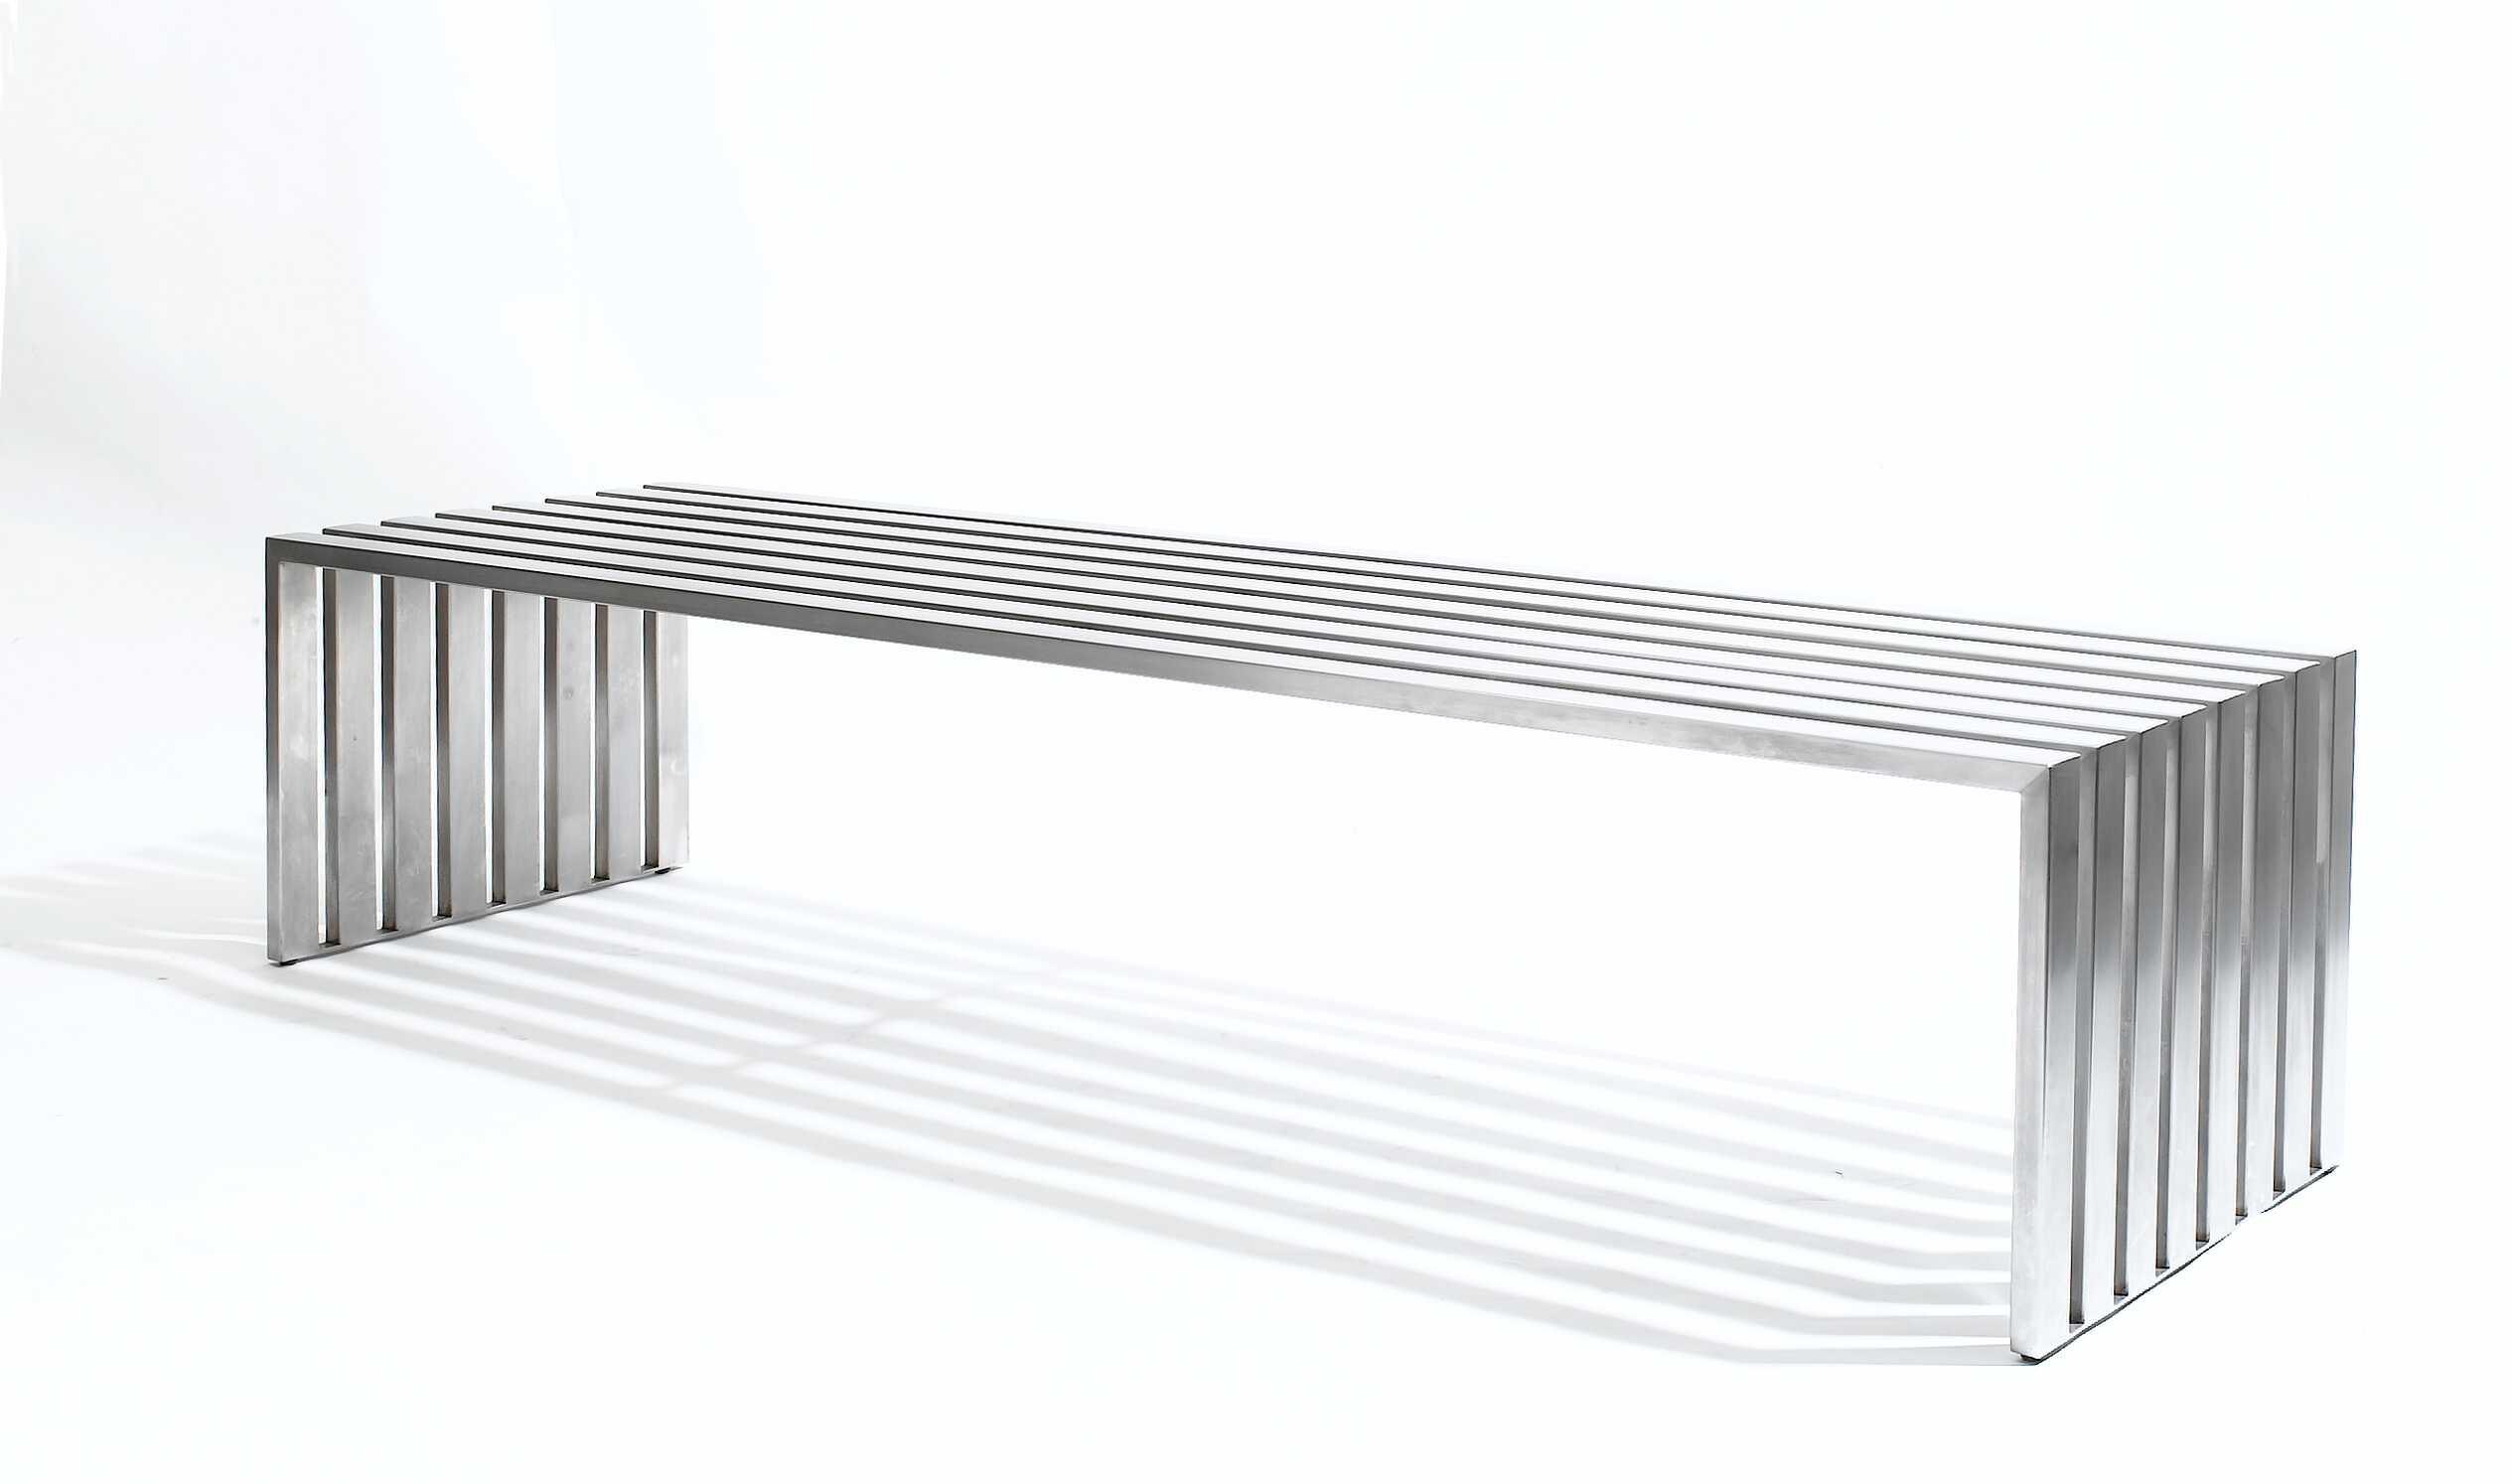 שולחנות סלון - שולחן סלון מעוצב דגם נירוסטה